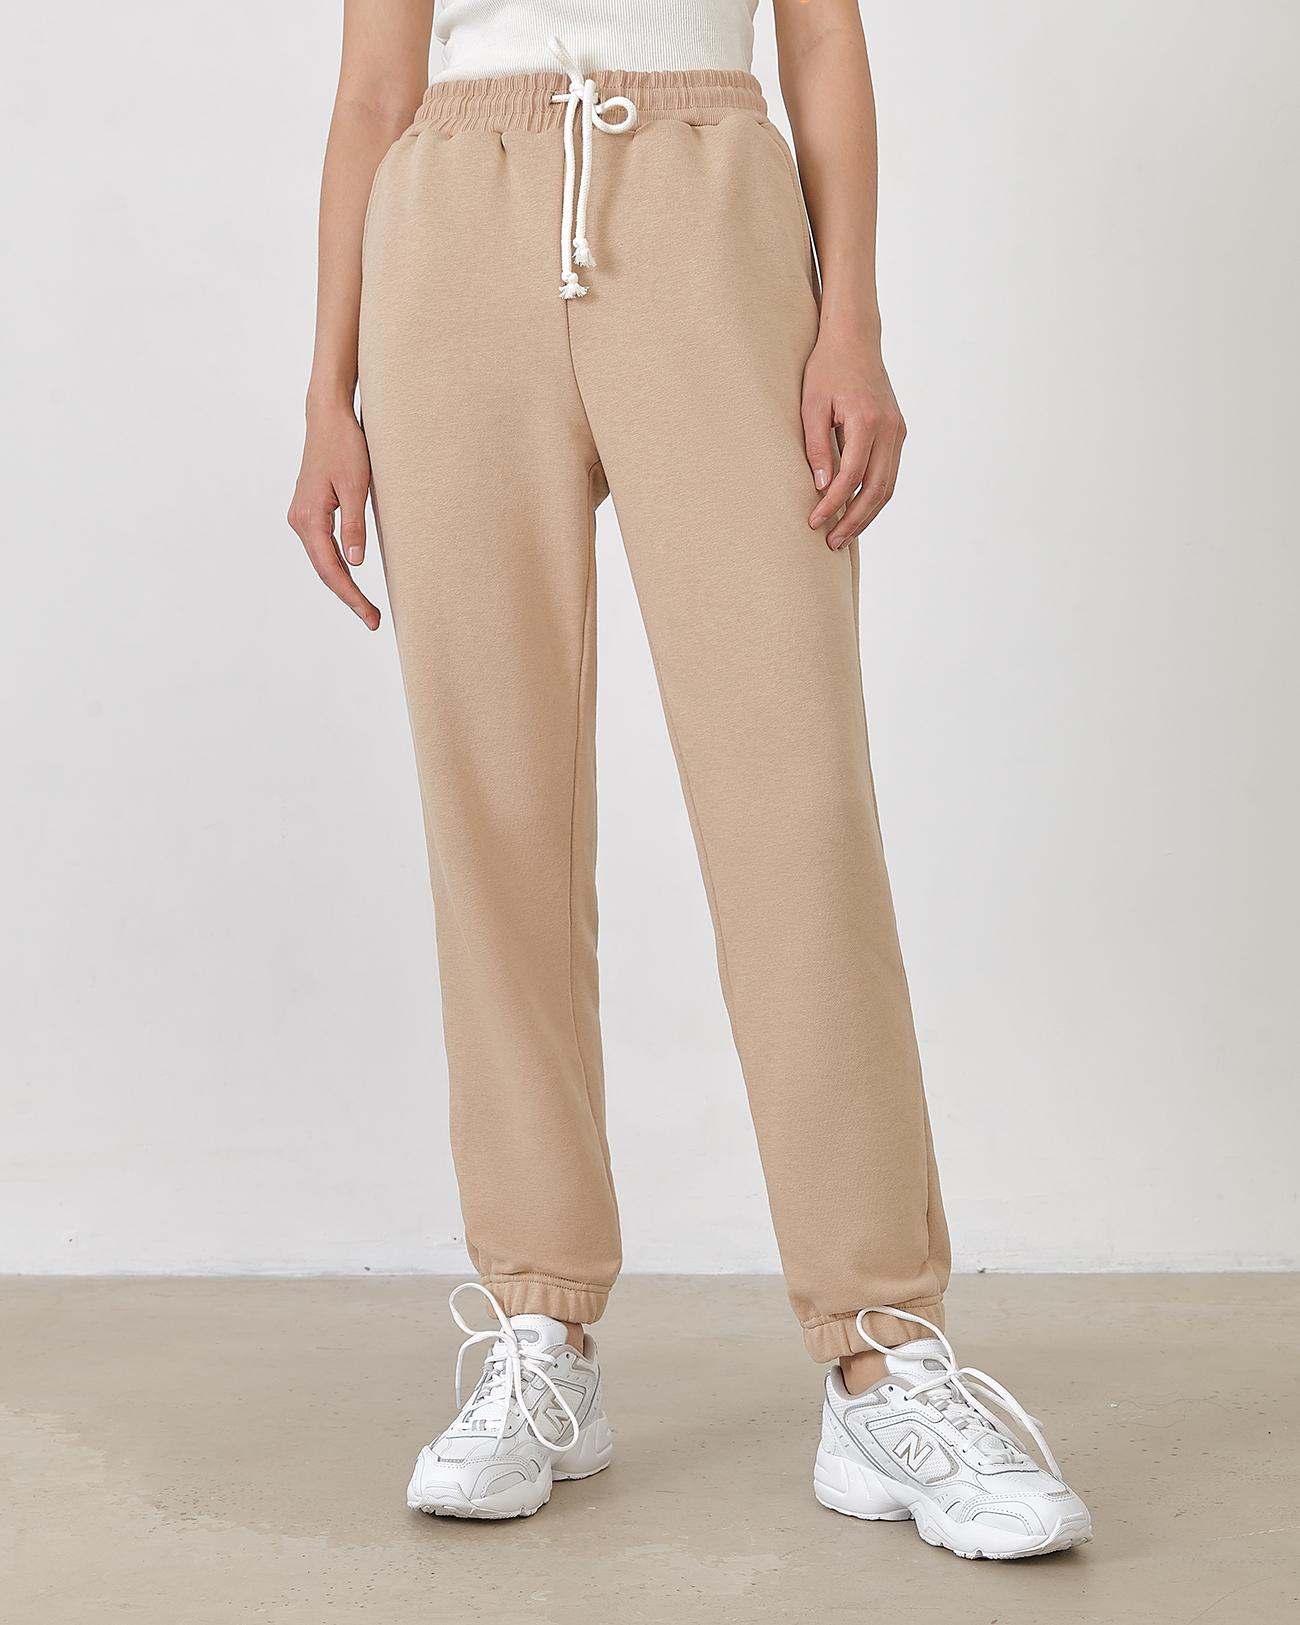 Спортивные брюки бежевого цвета фото